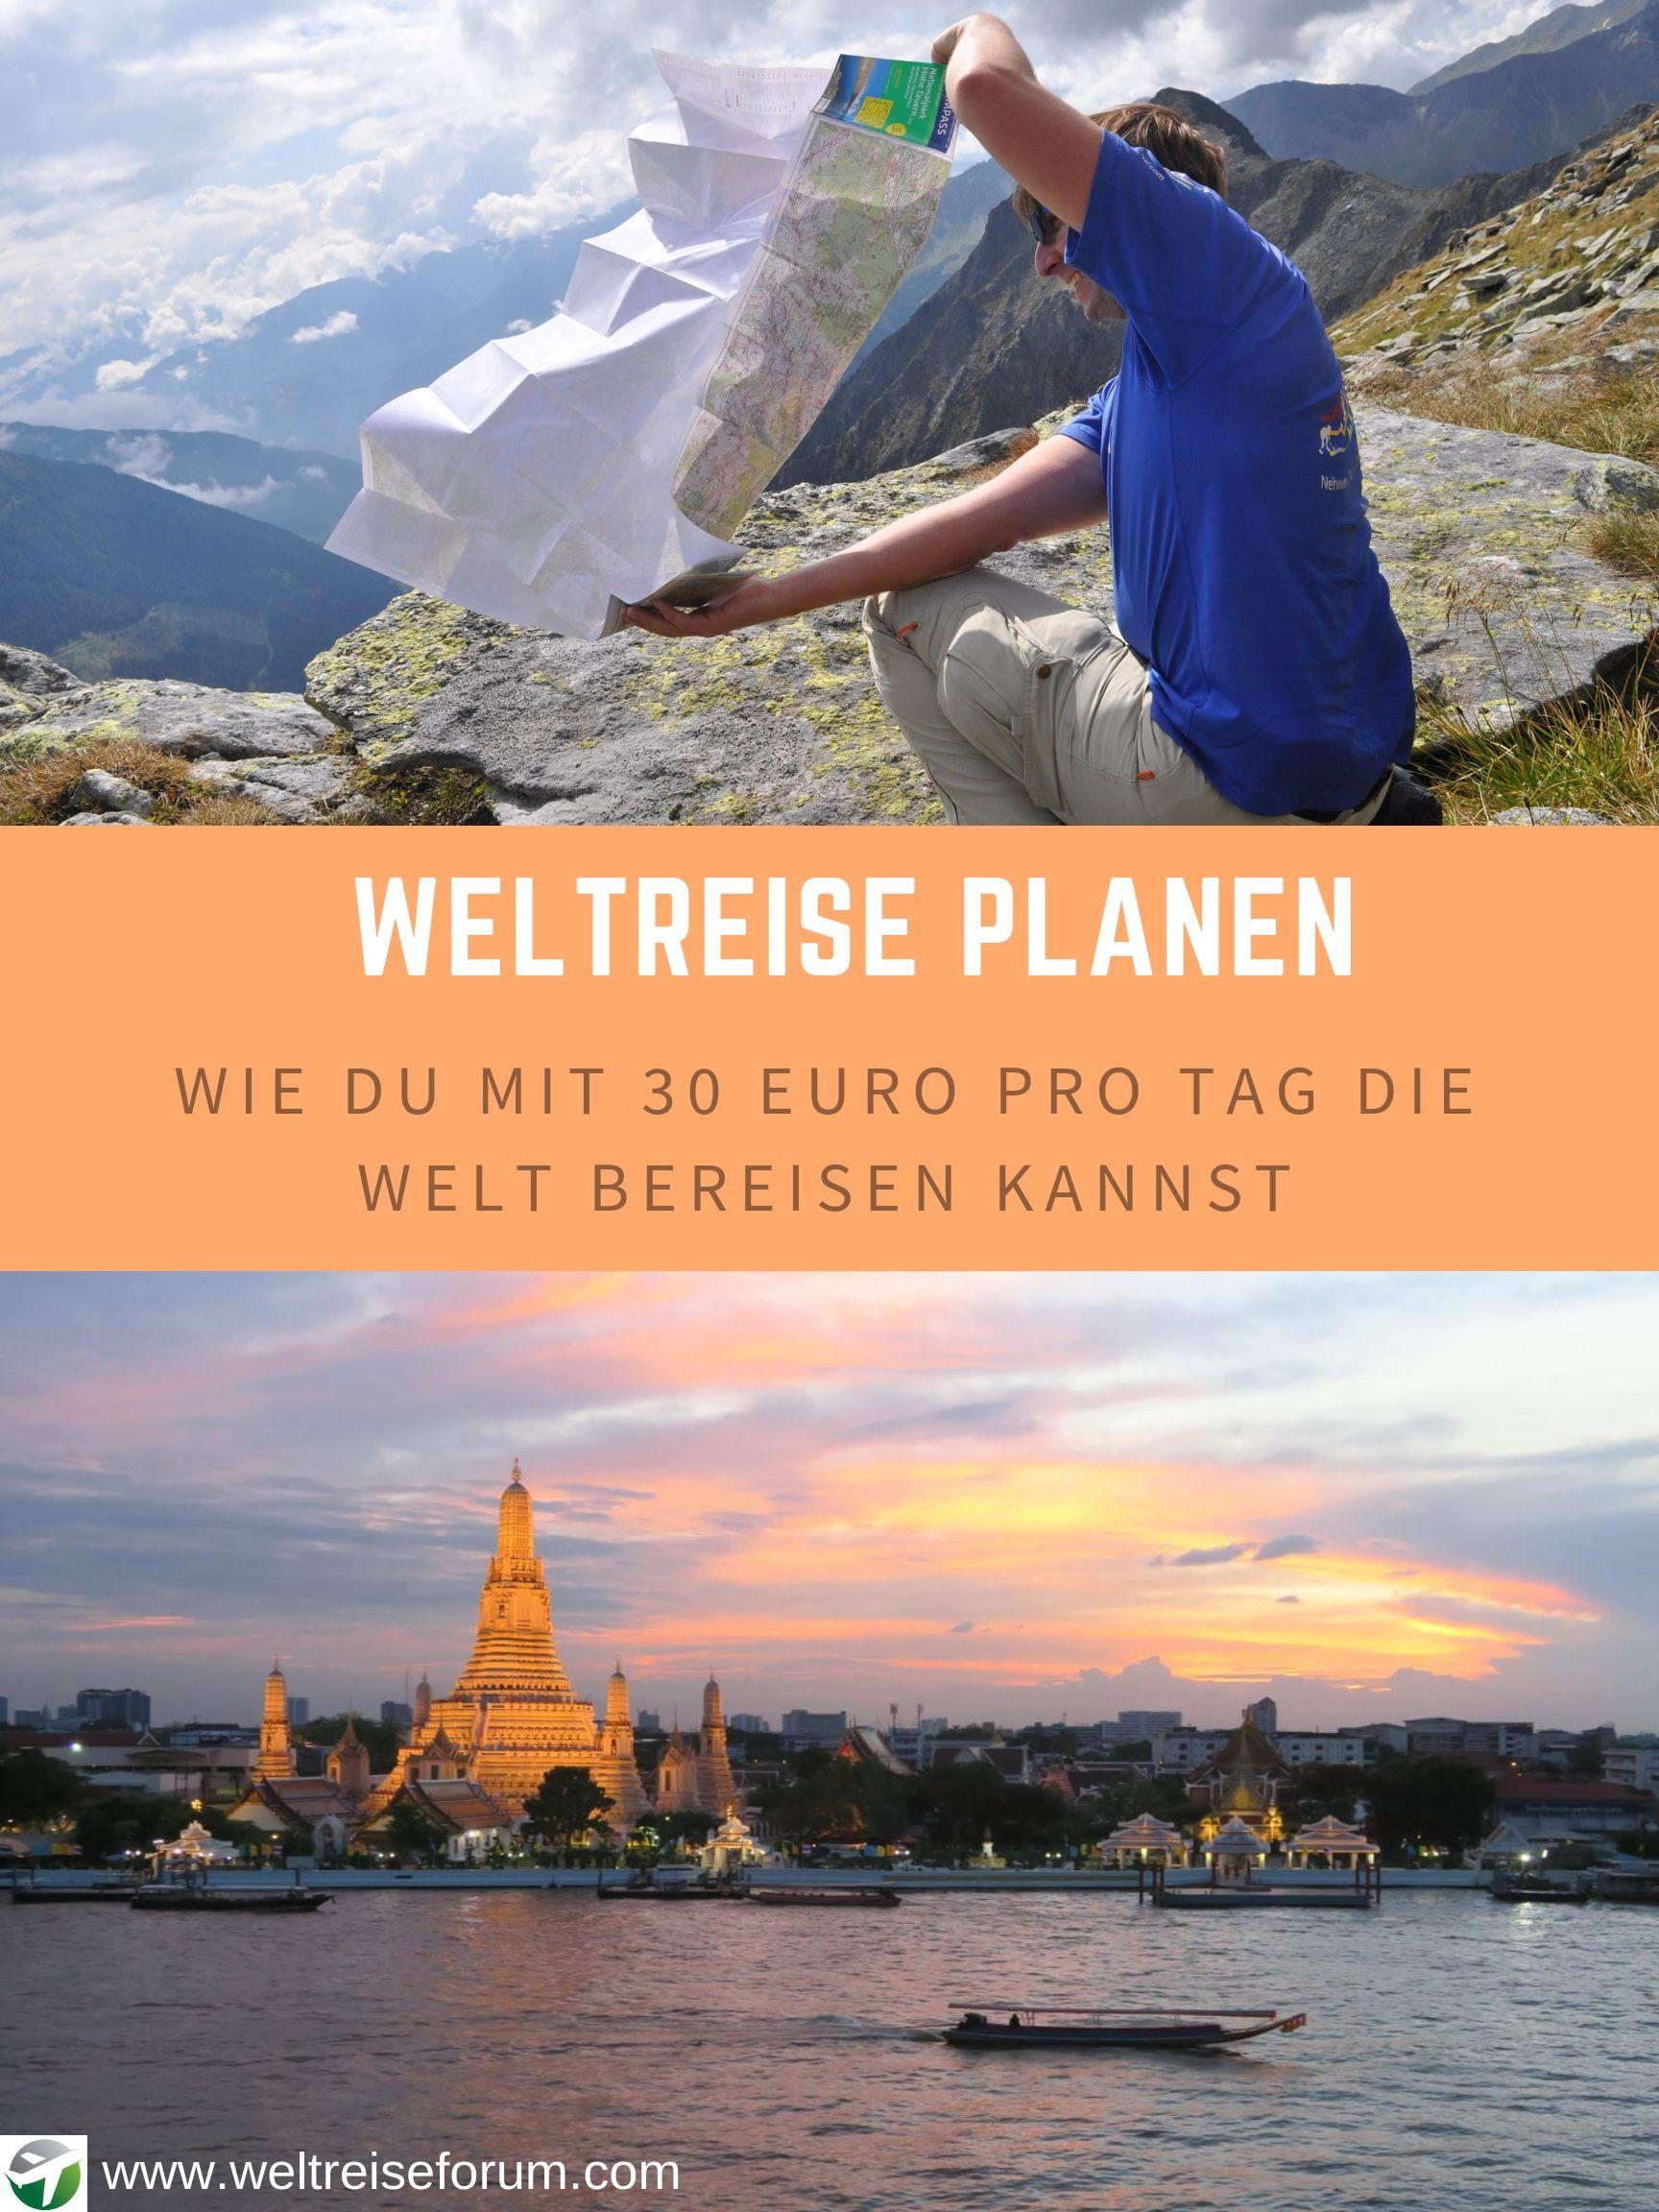 Weltreise Mit Wenig Geld